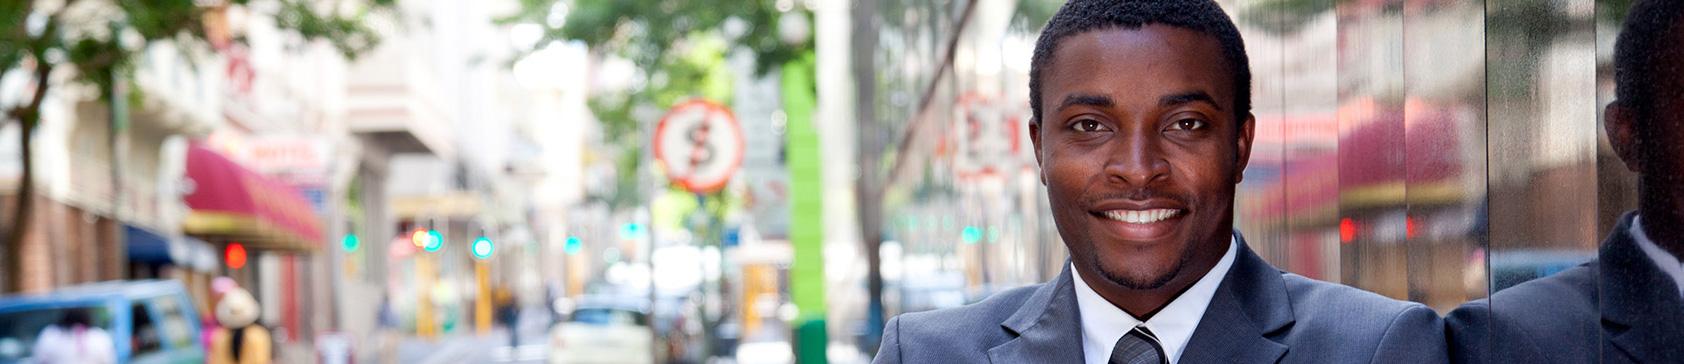 Meusalario.org/Angola - Salário, Salário Mínimo, Direito do Trabalho